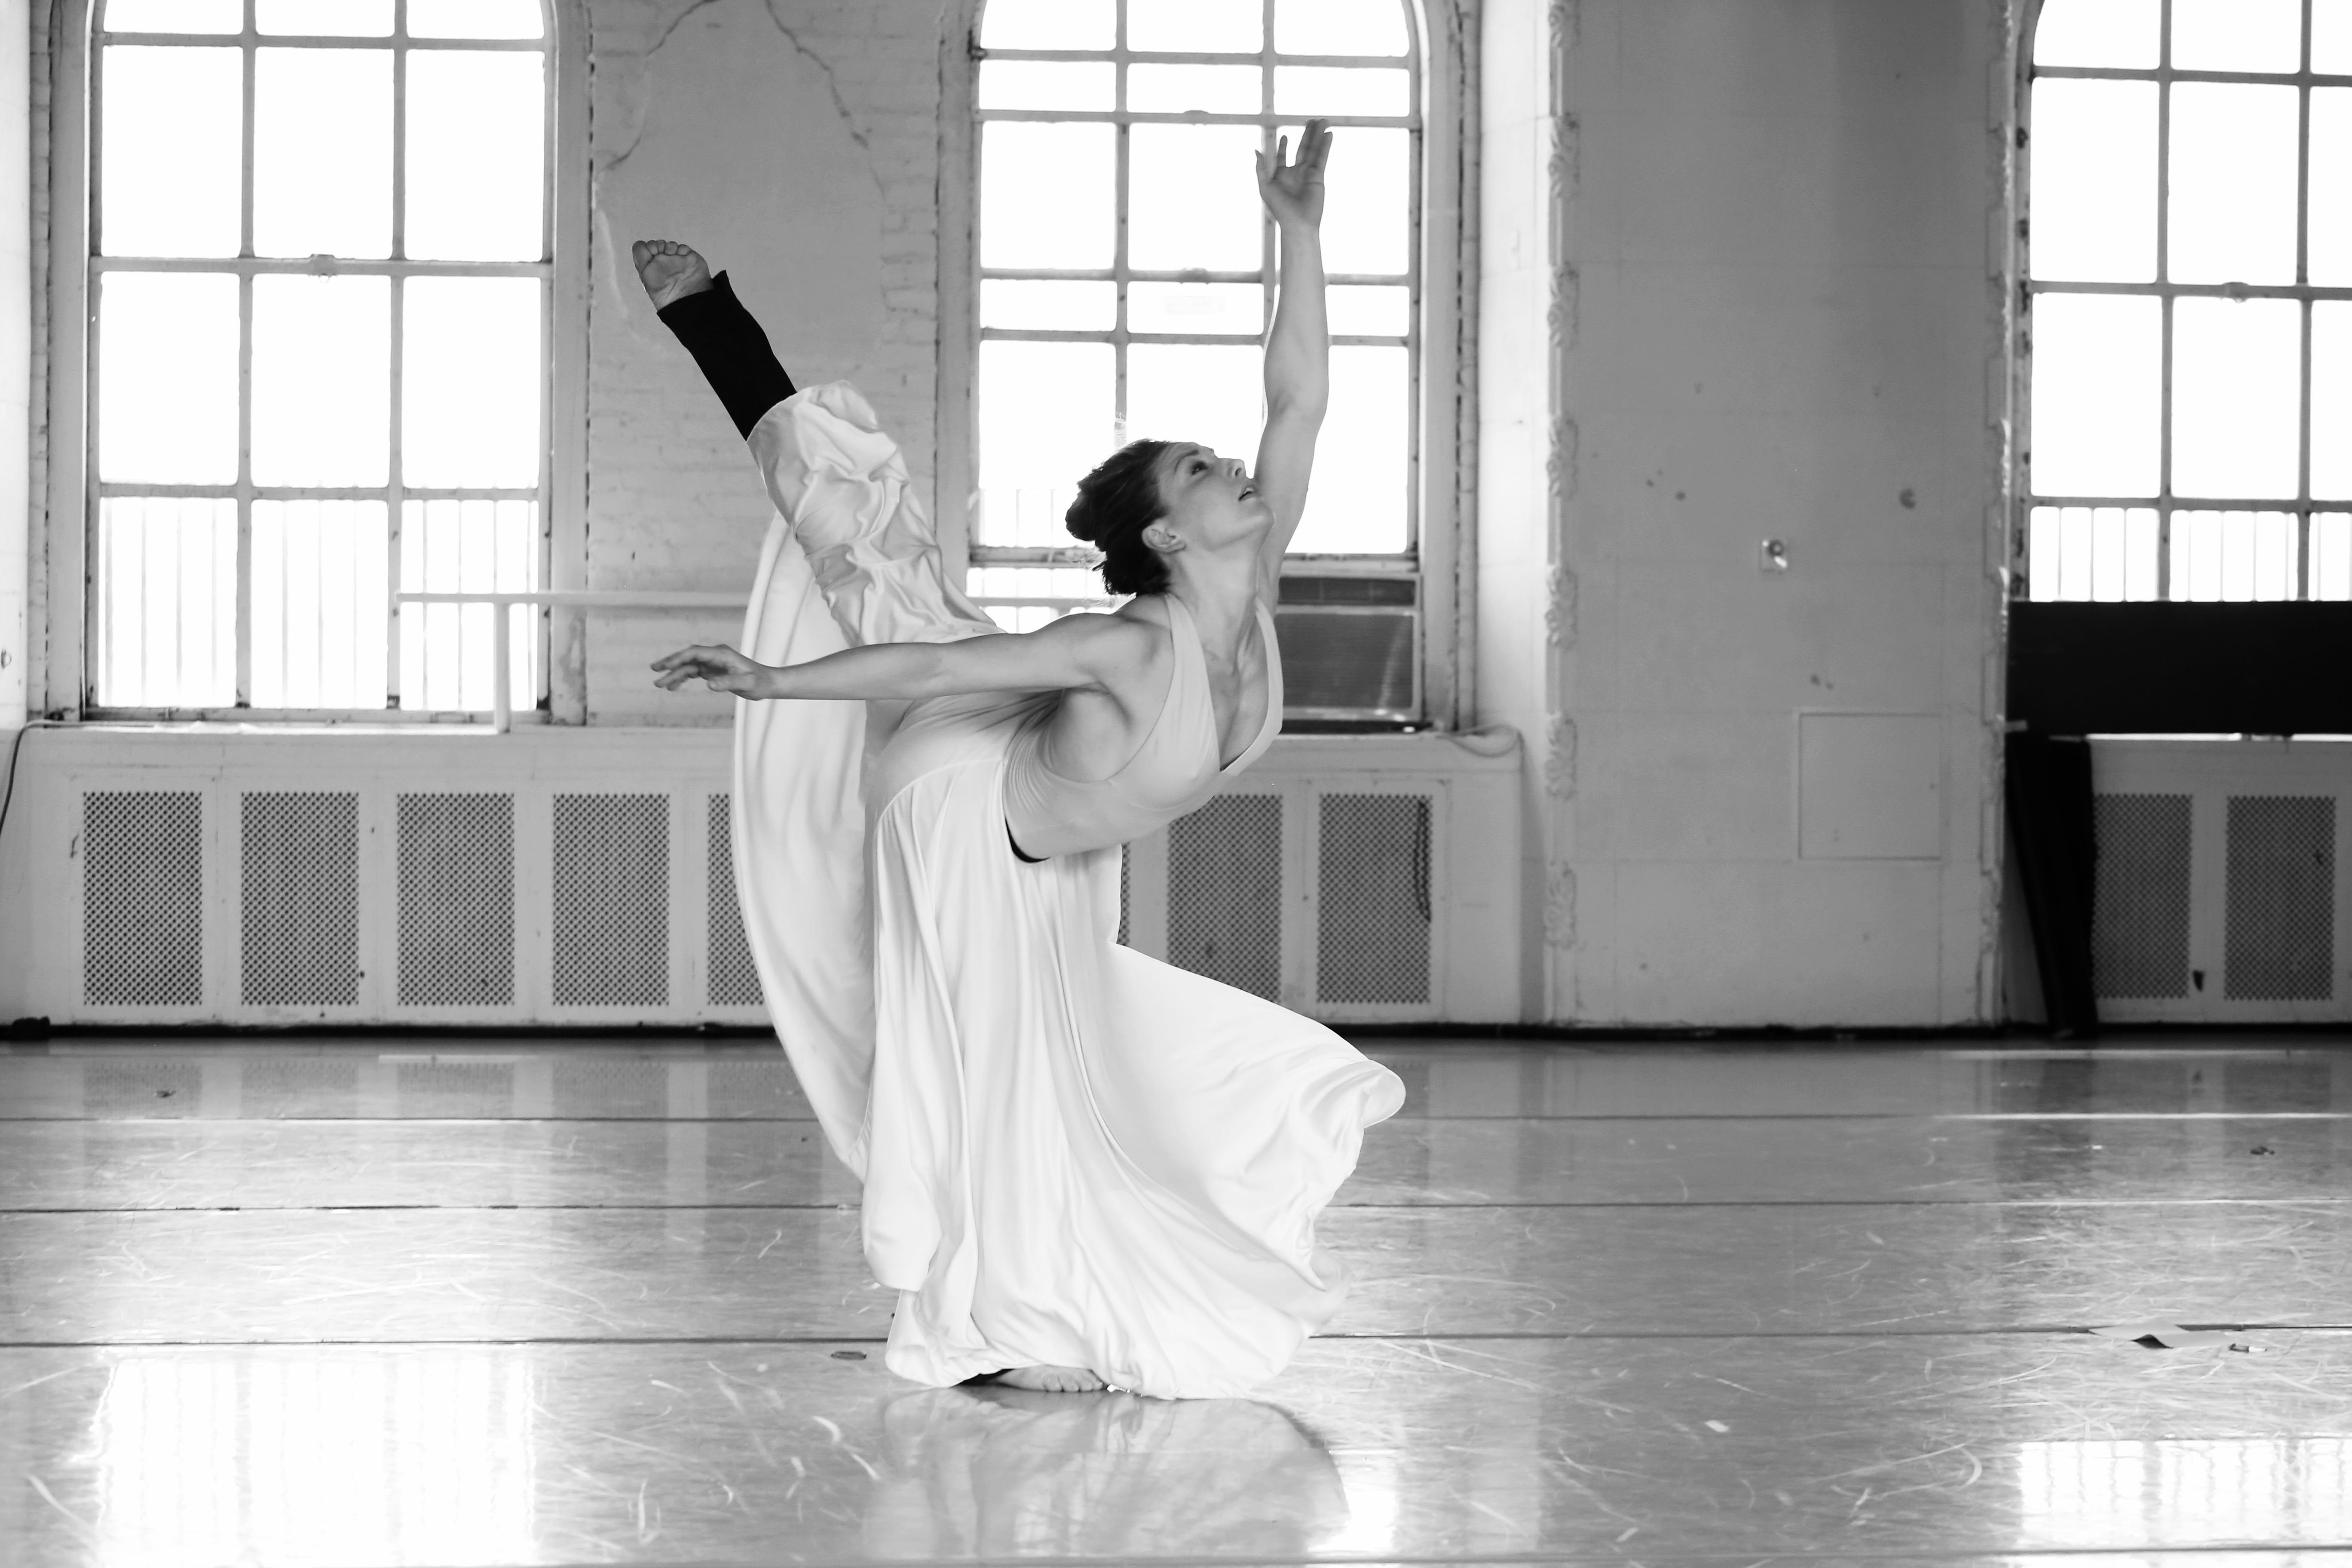 Tecniche di danza moderna, un progetto di Caterina Rago. Intervista alla coreografa